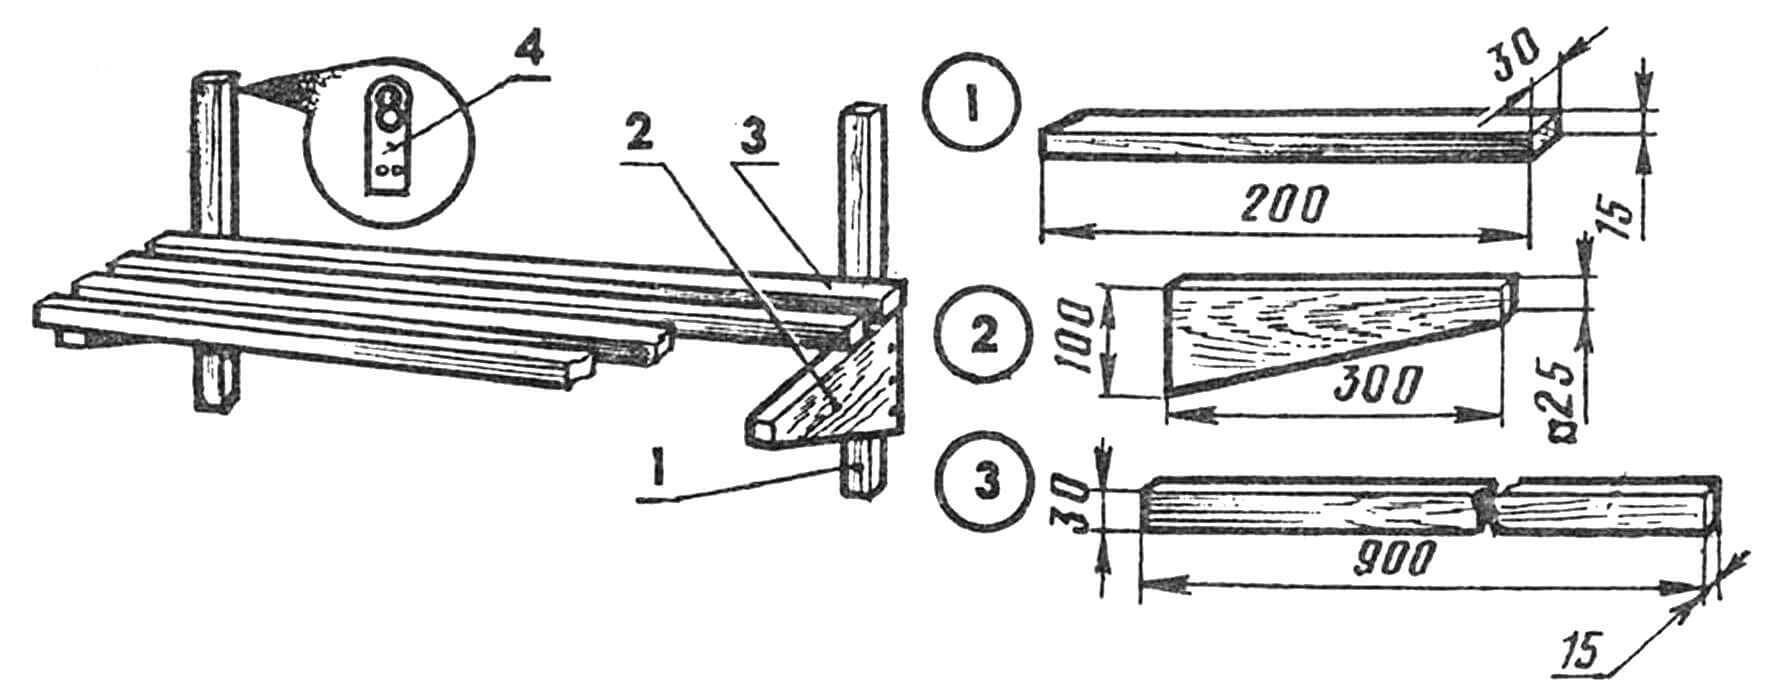 Кухонная полочка из реек: 1 — вертикальный брус, 2 — горизонтальный кронштейн, 3 — рейка, 4 — петля подвески.